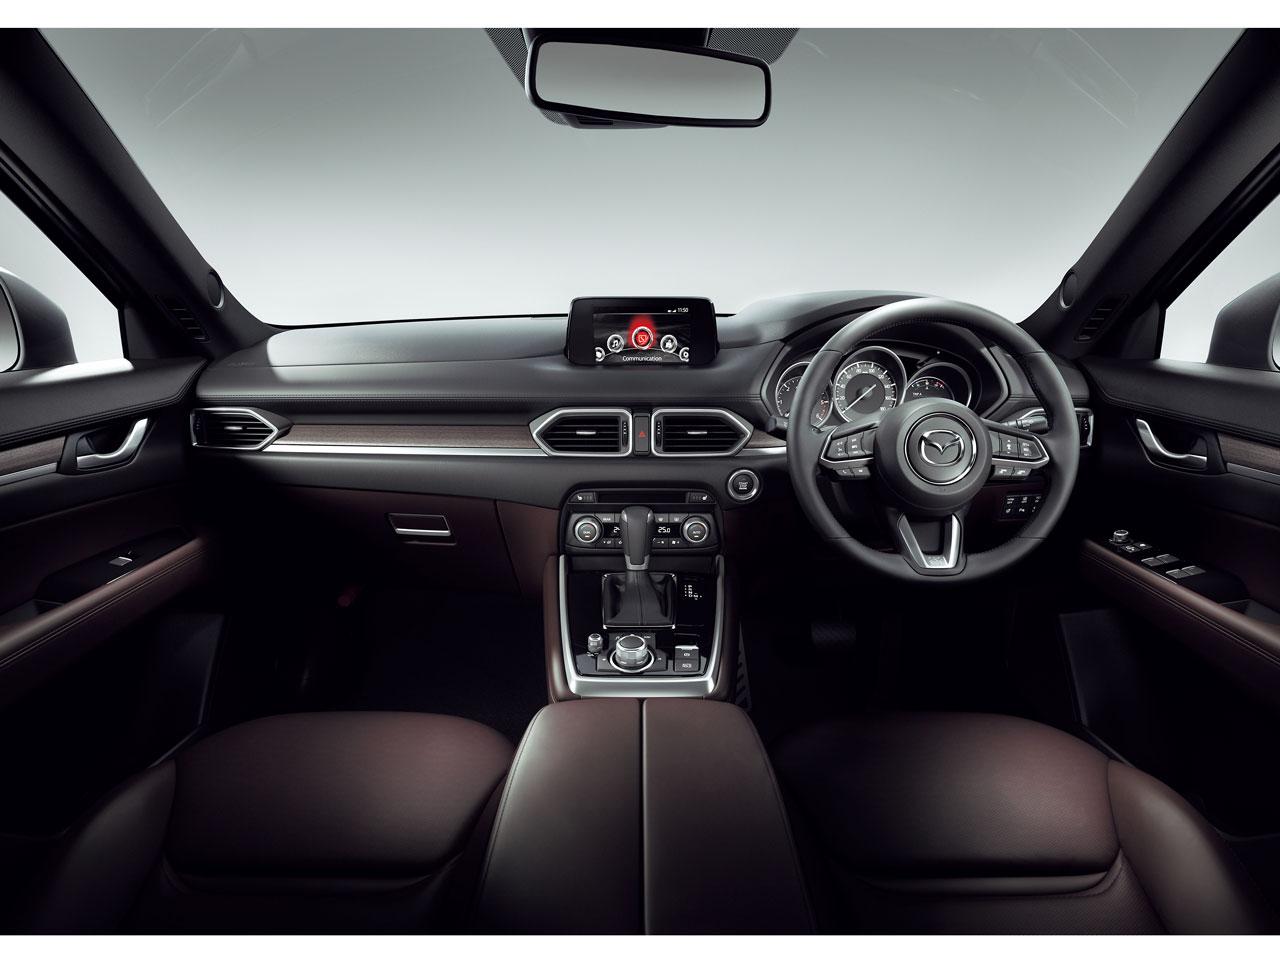 『インテリア1』 CX-8 2017年モデル の製品画像